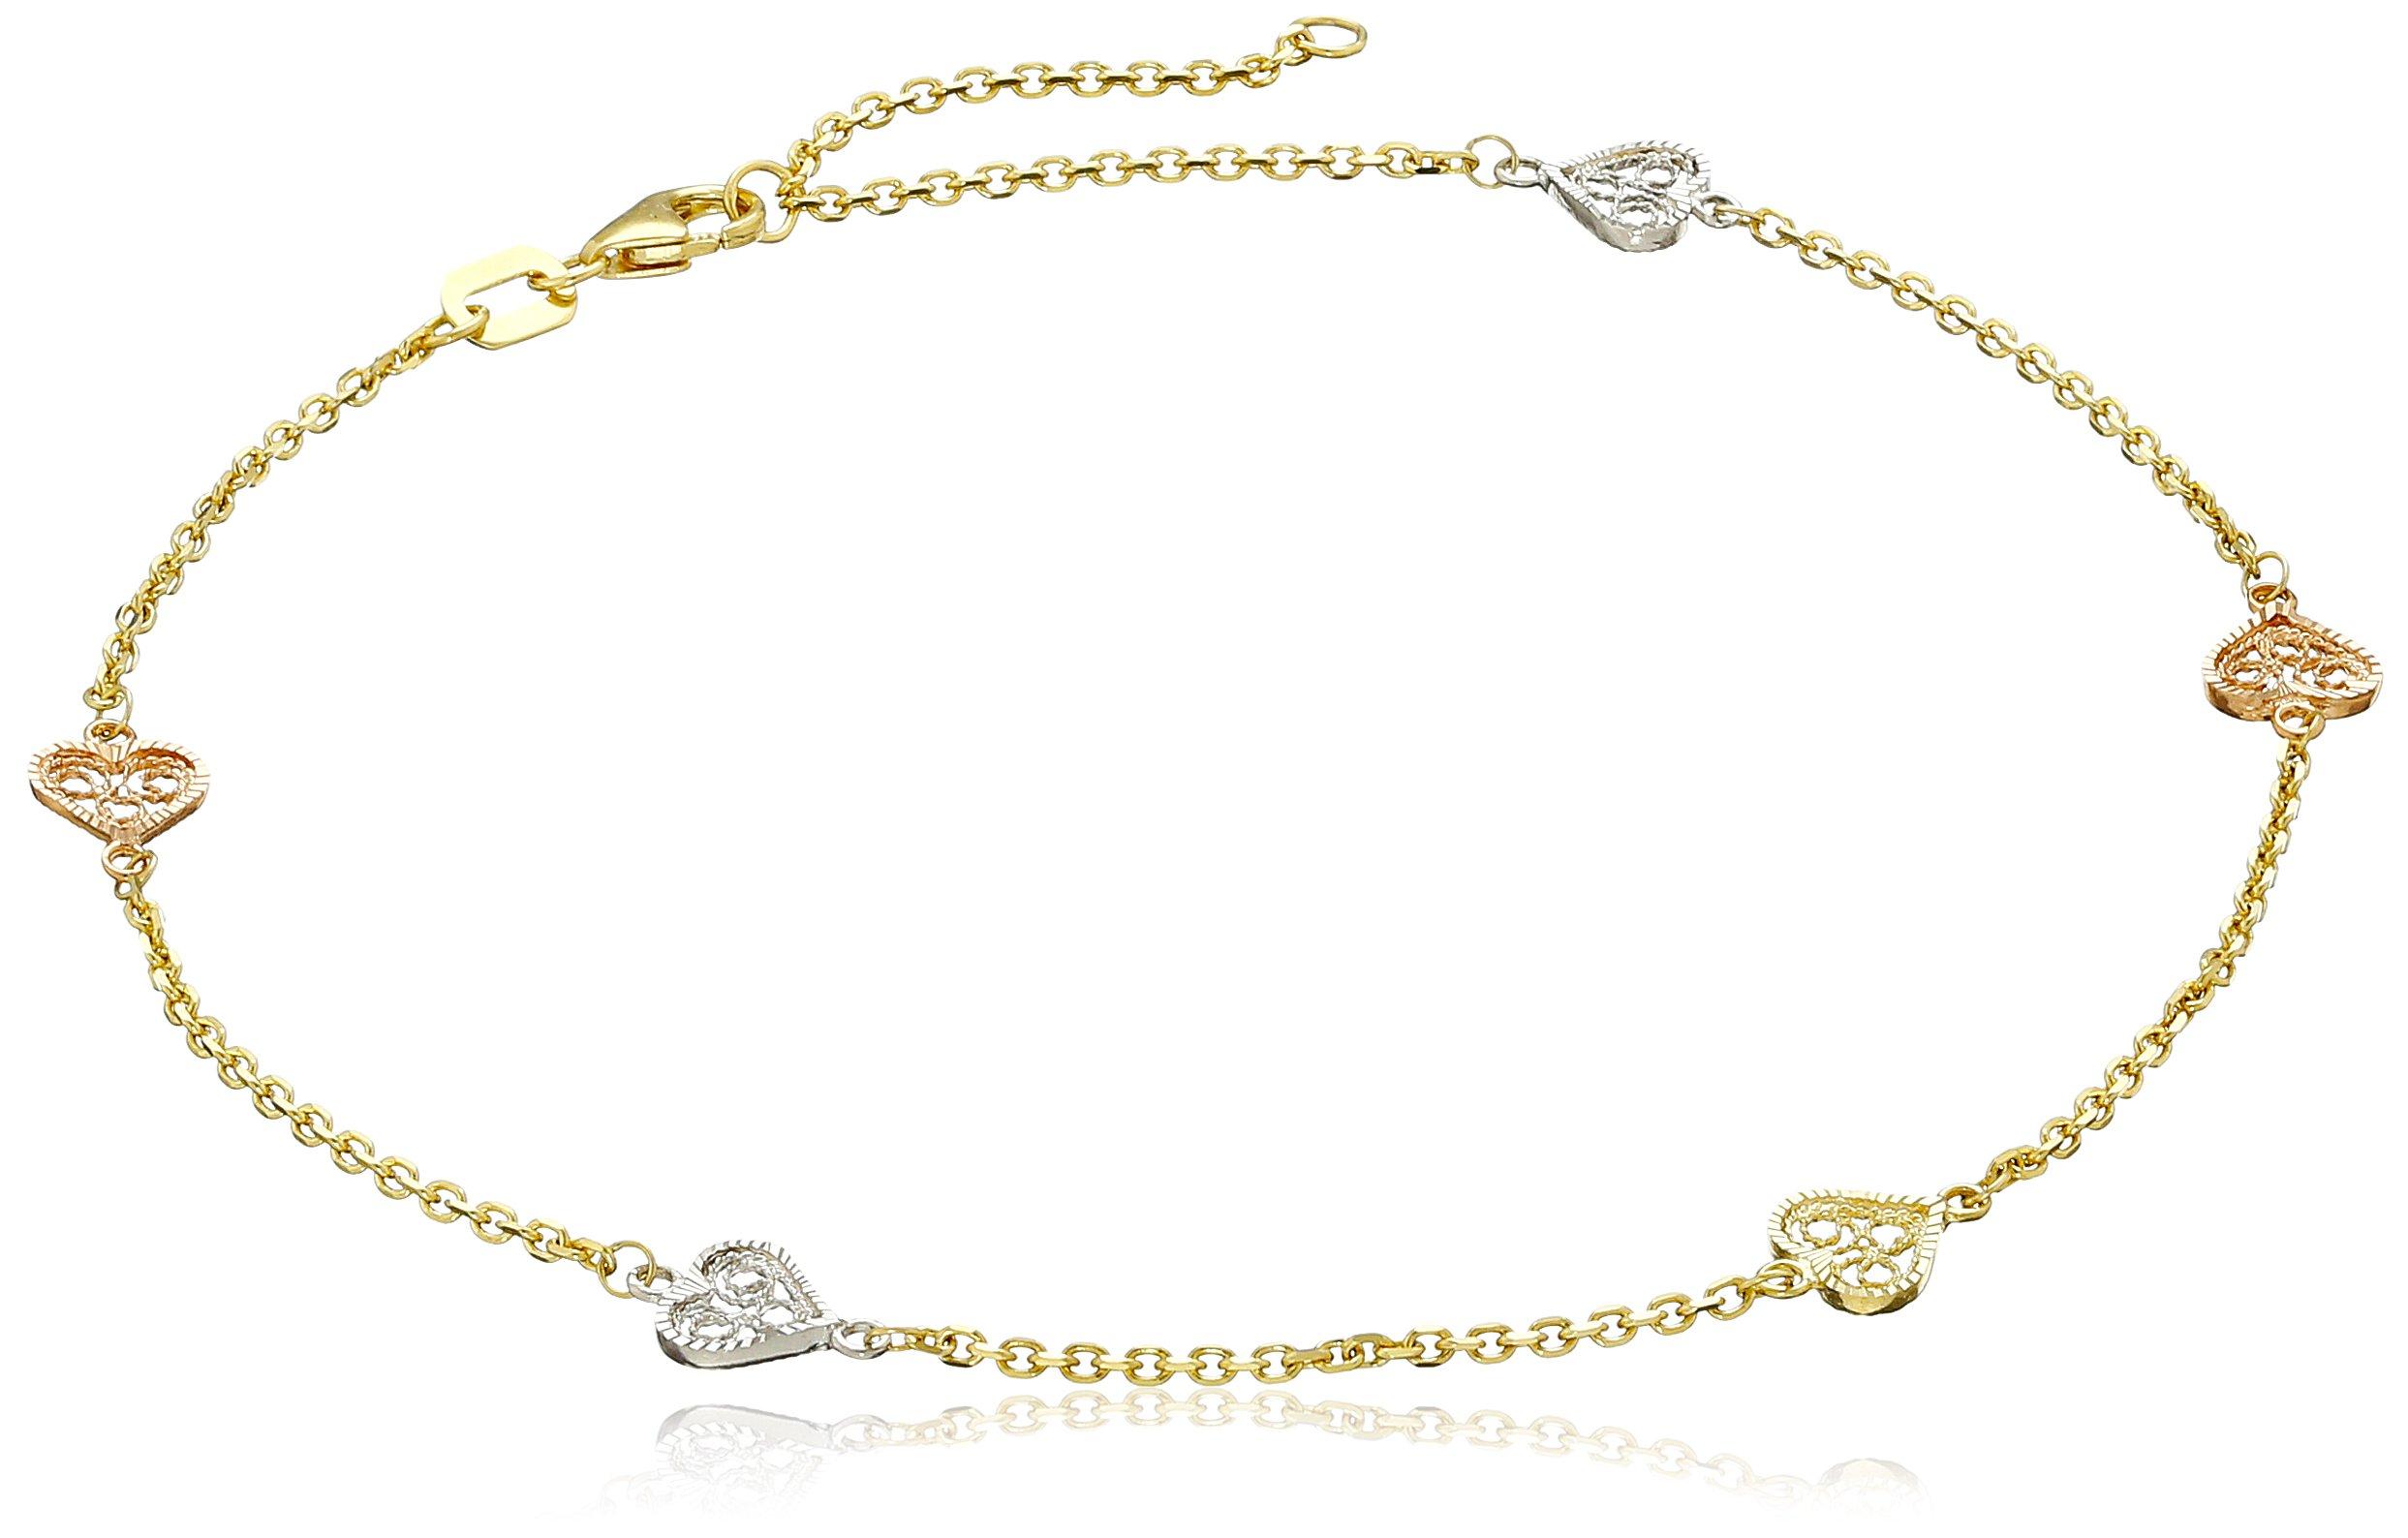 14k Gold Tri-Color Filigree Heart Station Anklet, 10''